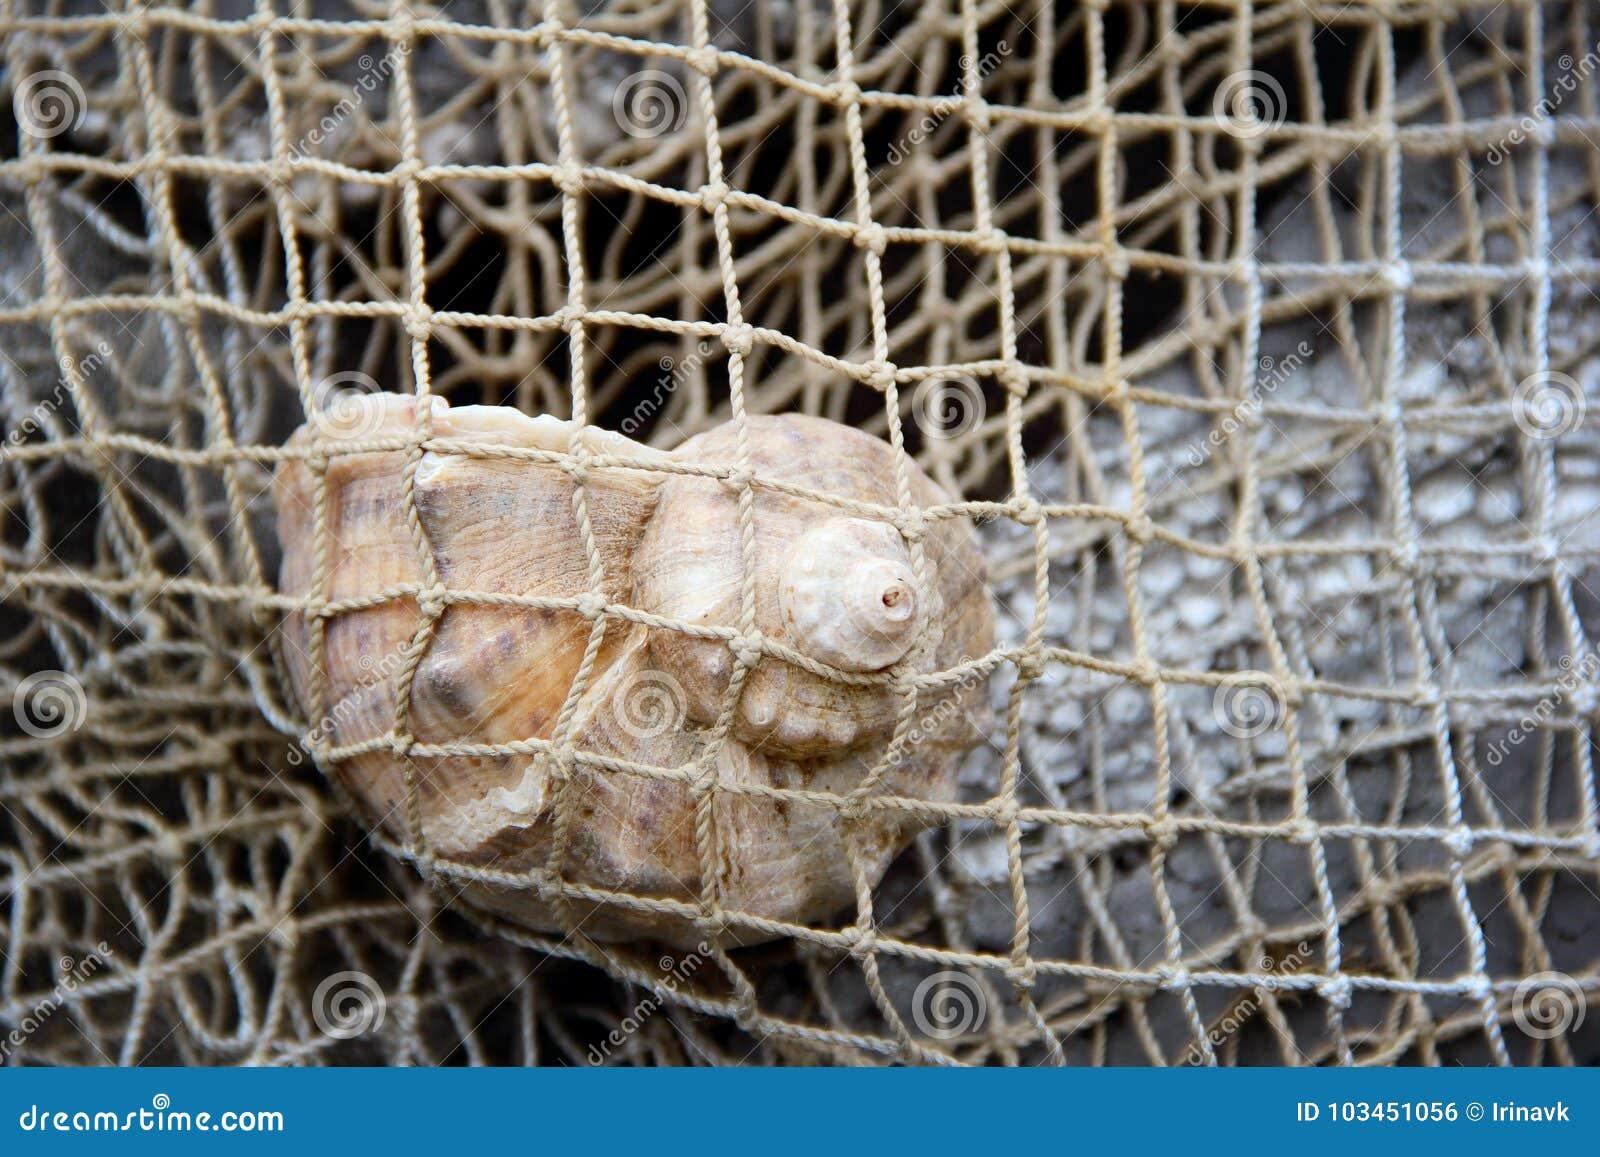 Coperture di Gener in una rete da pesca foto